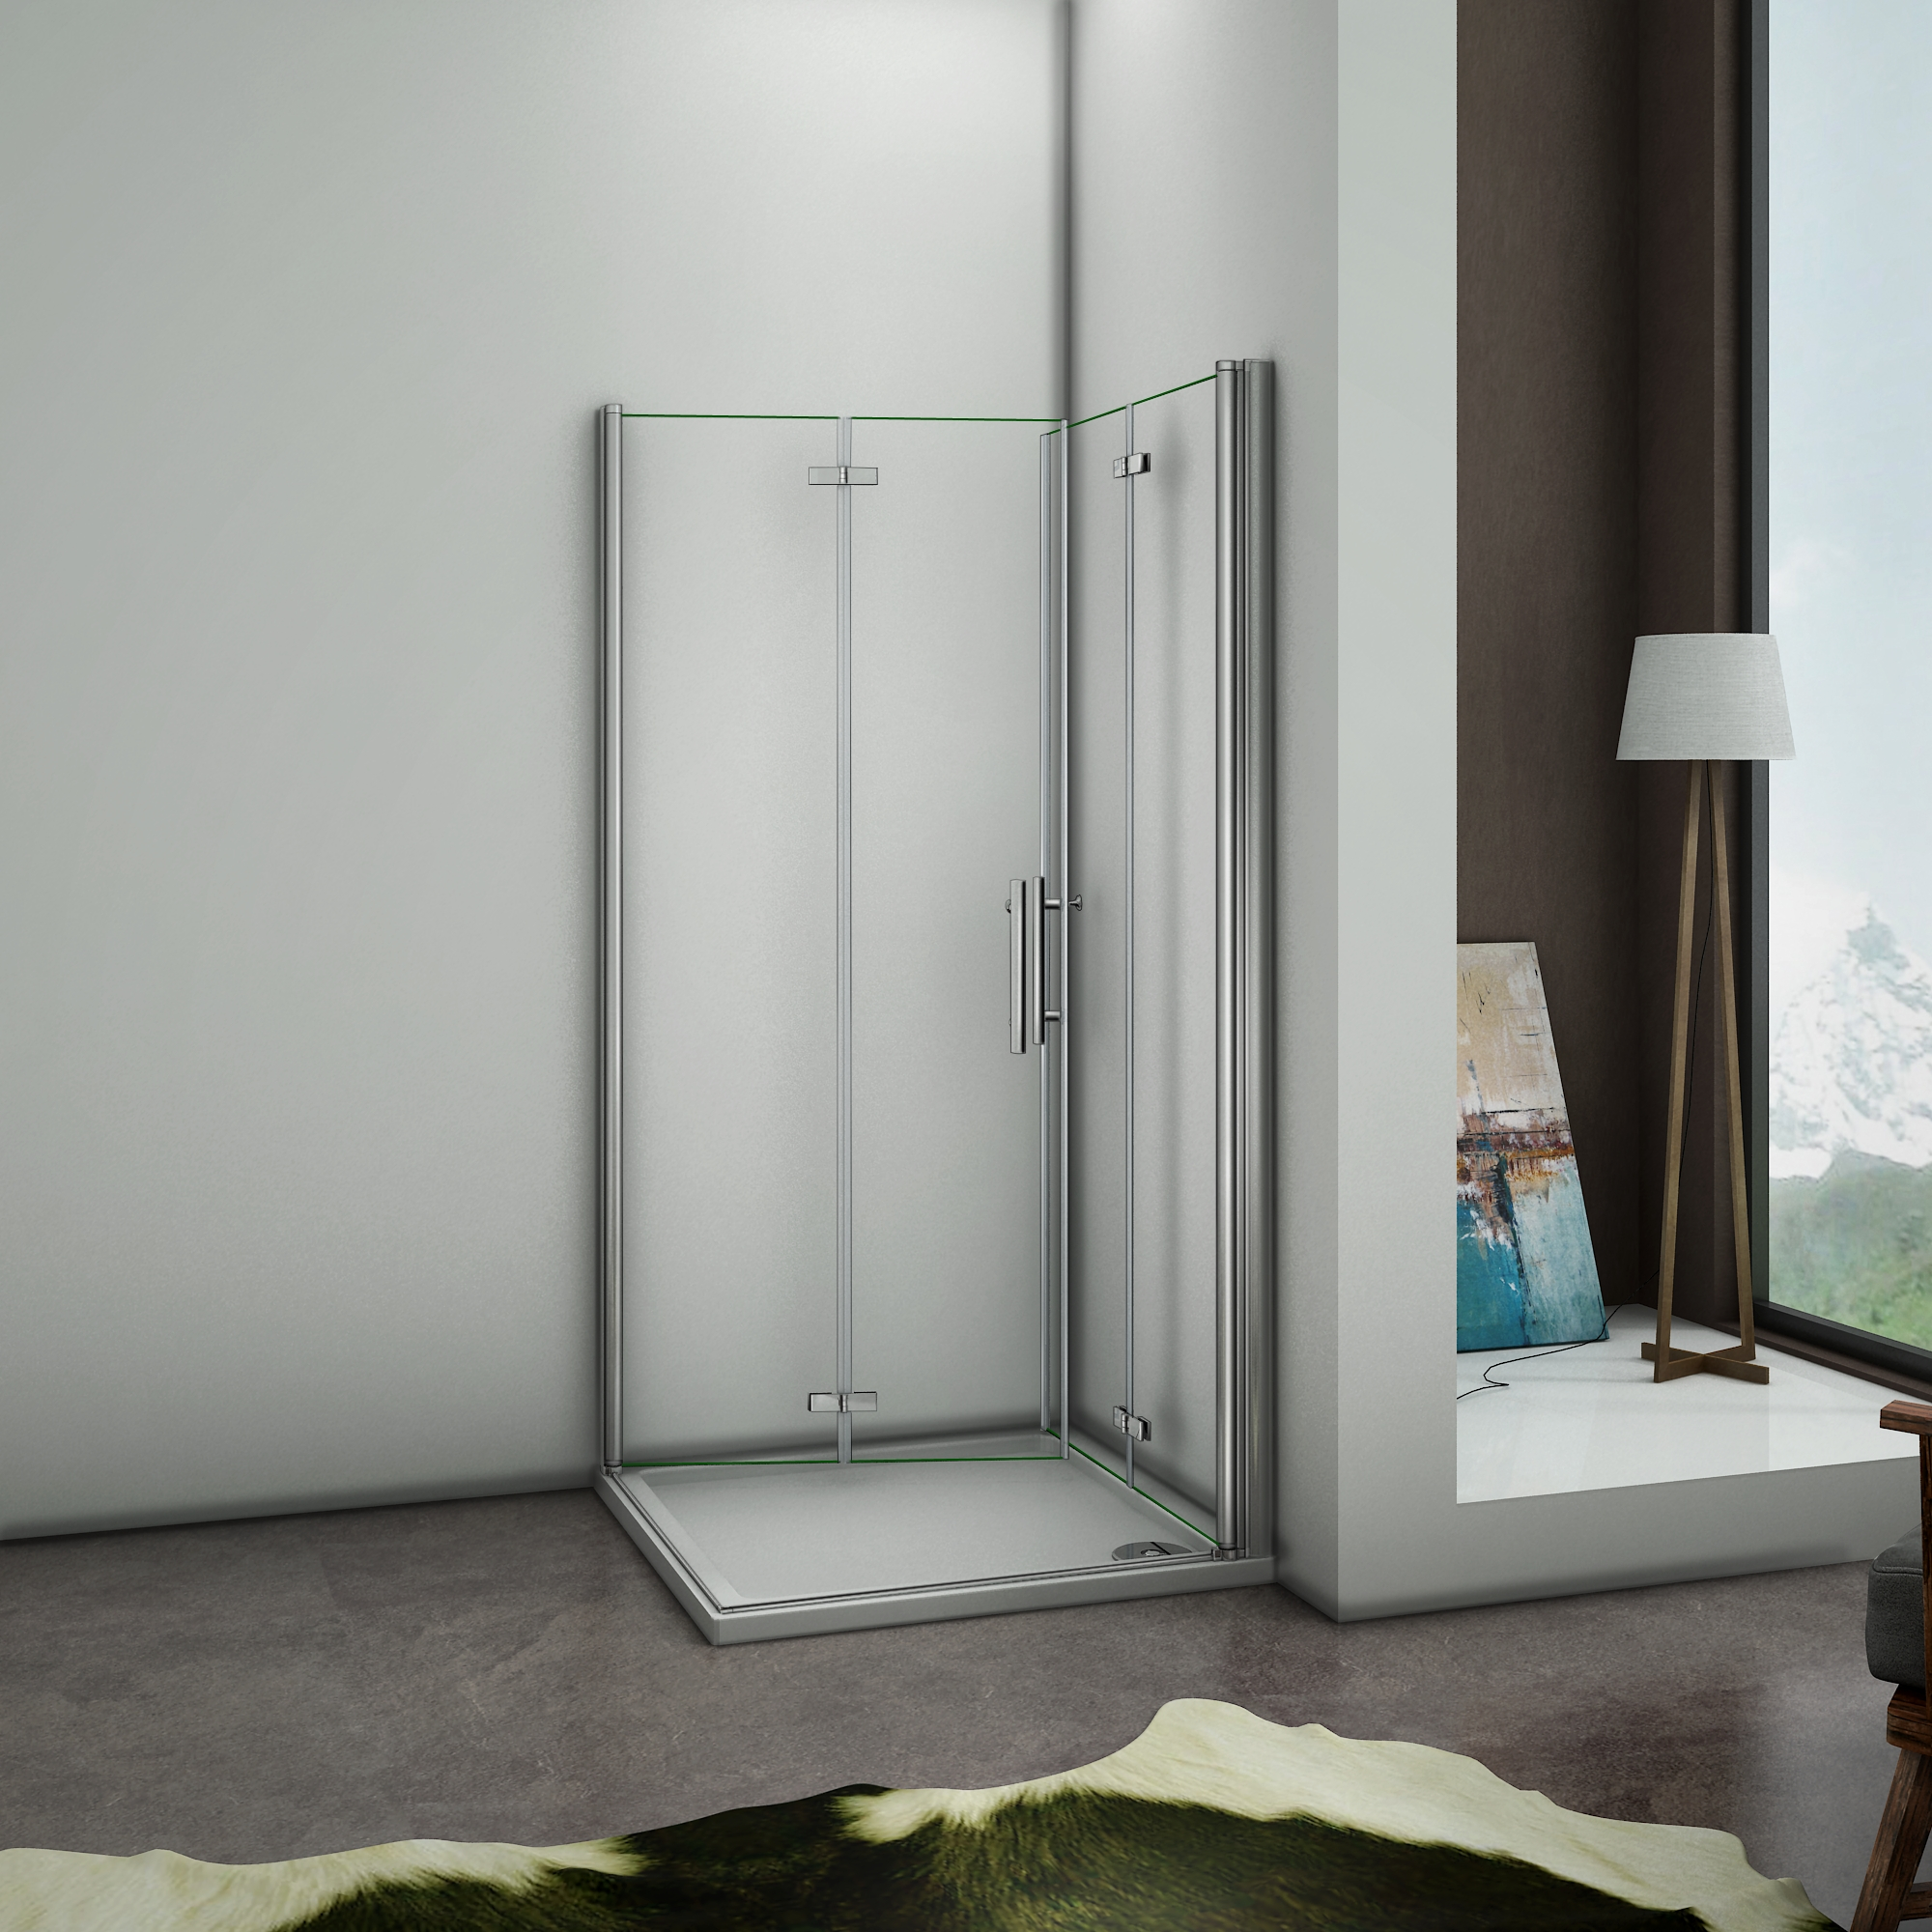 70x70x195cm cabine de douche acc s d 39 angle porte de douche for Mecanisme porte pivotante